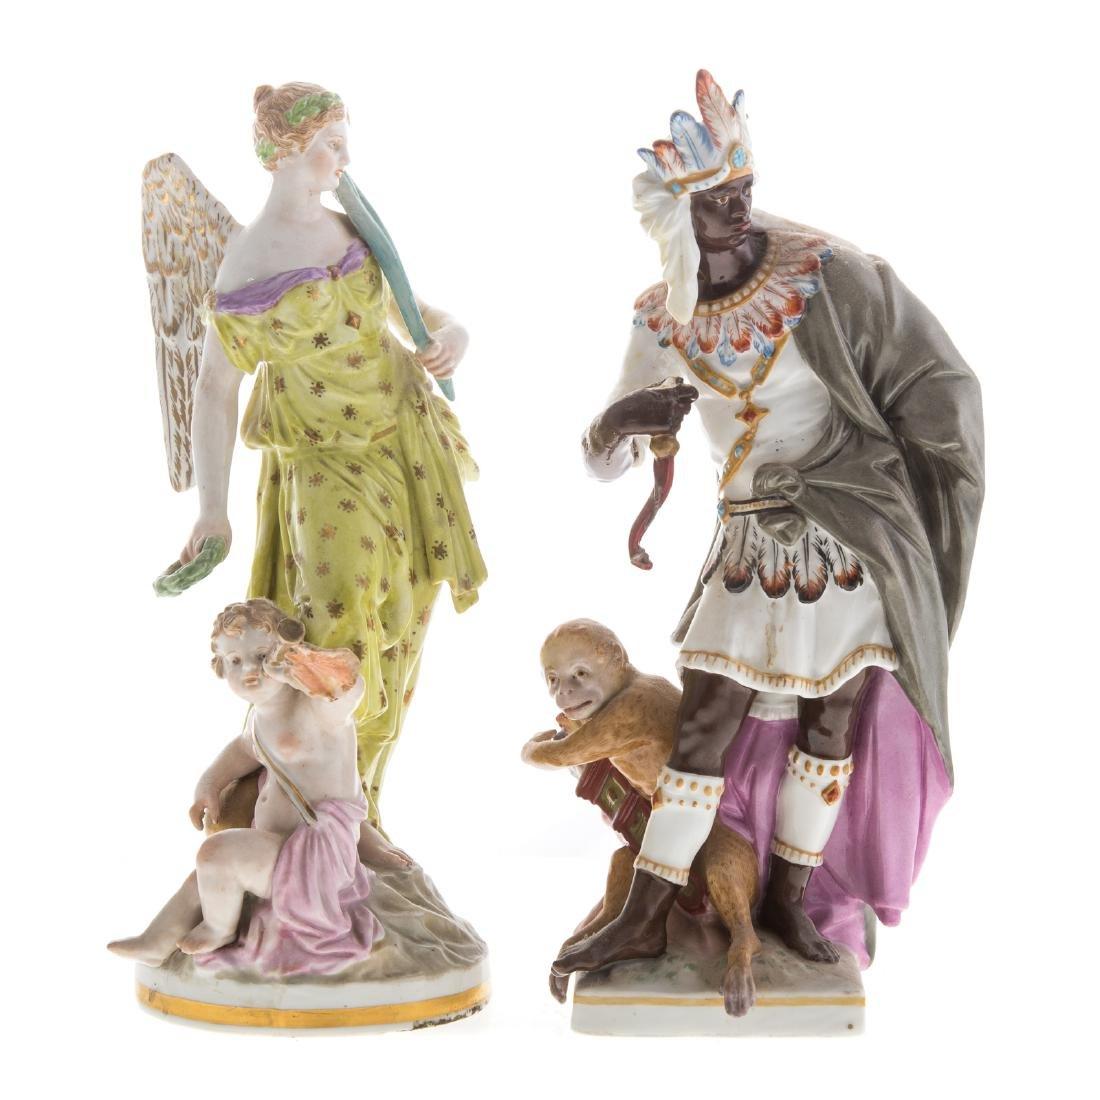 Two KPM porcelain figures